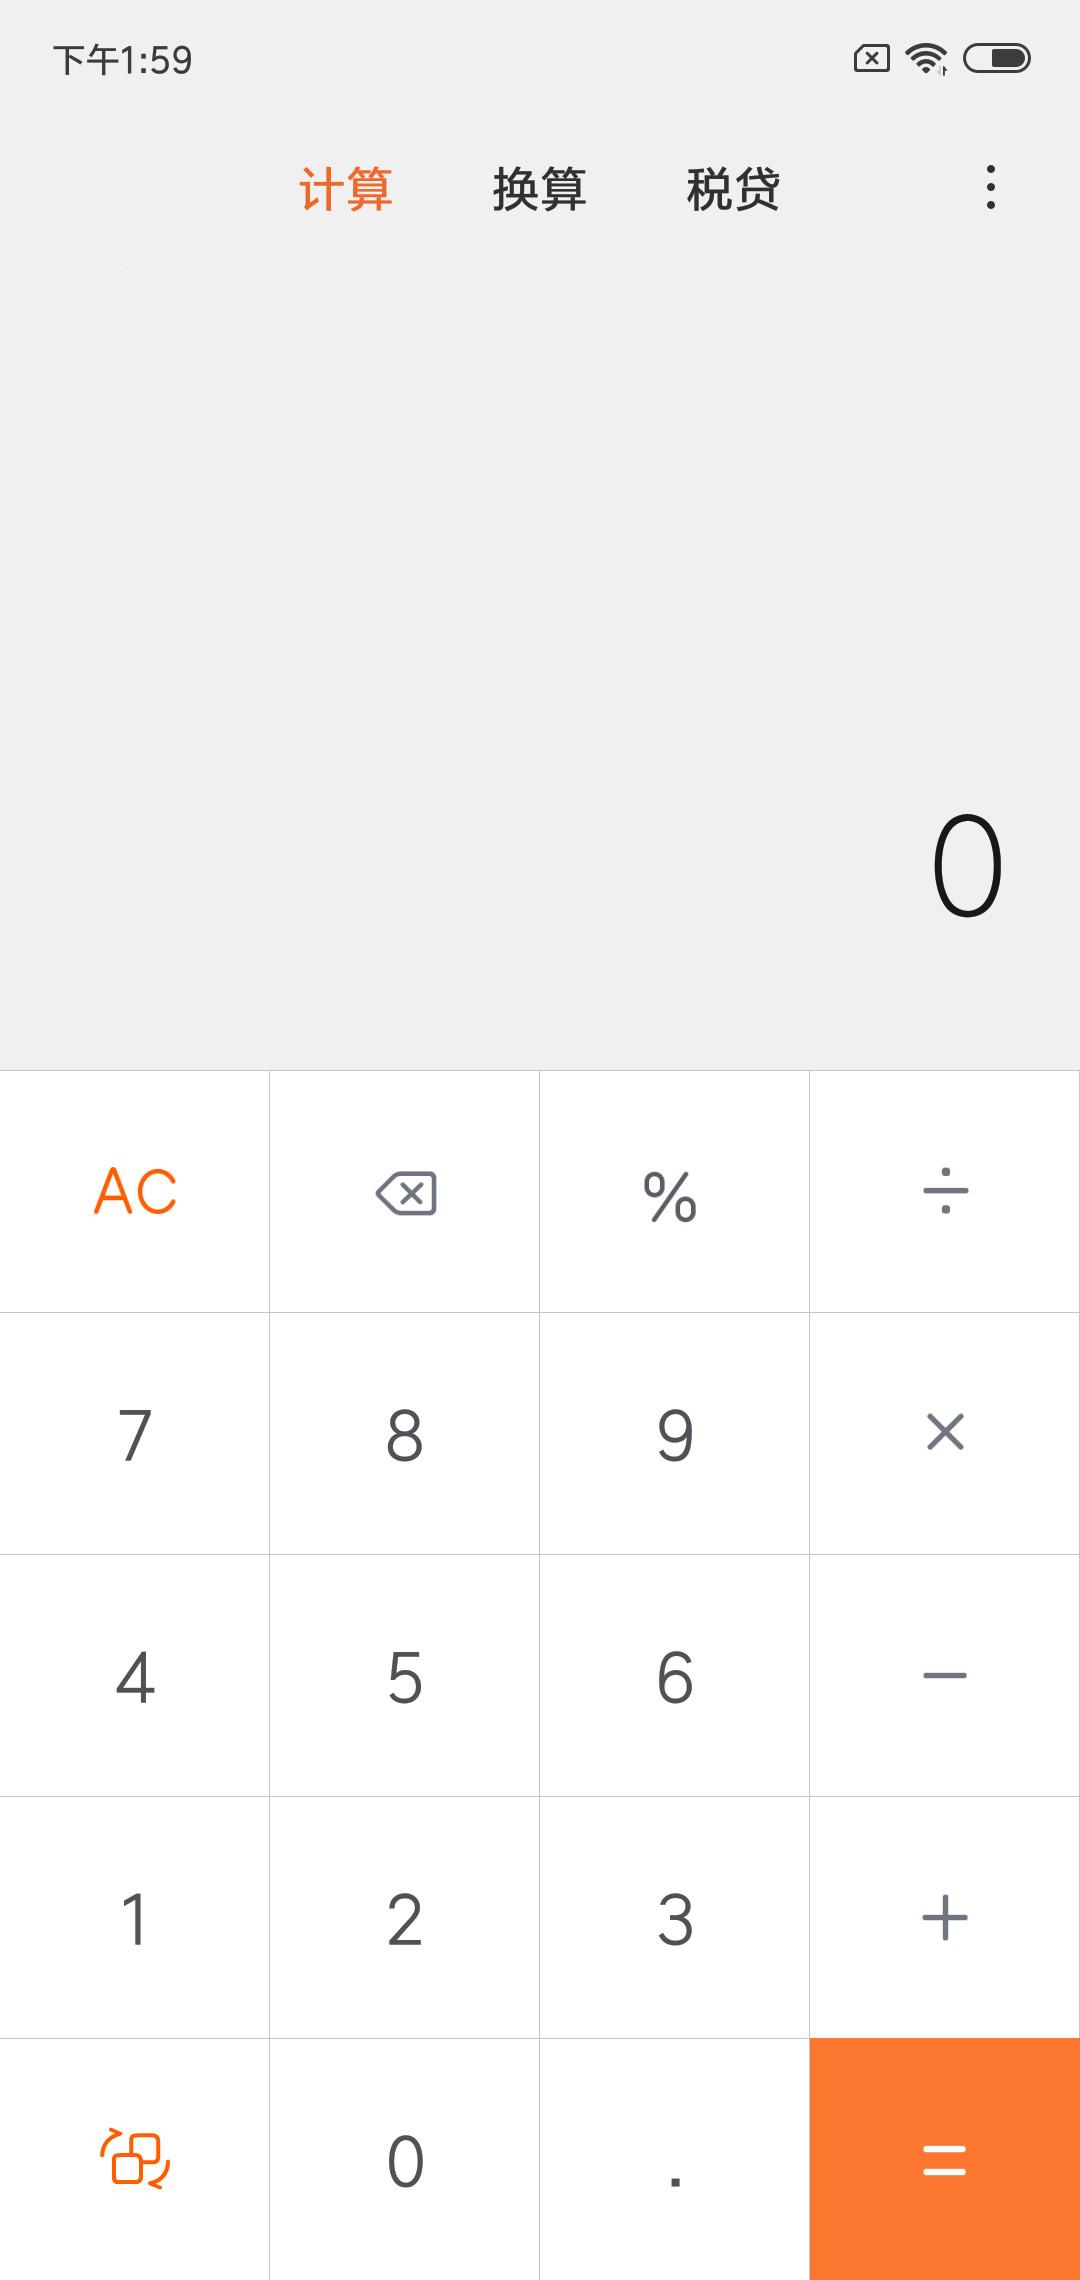 小米8青春版(6+64GB)手机功能界面第5张